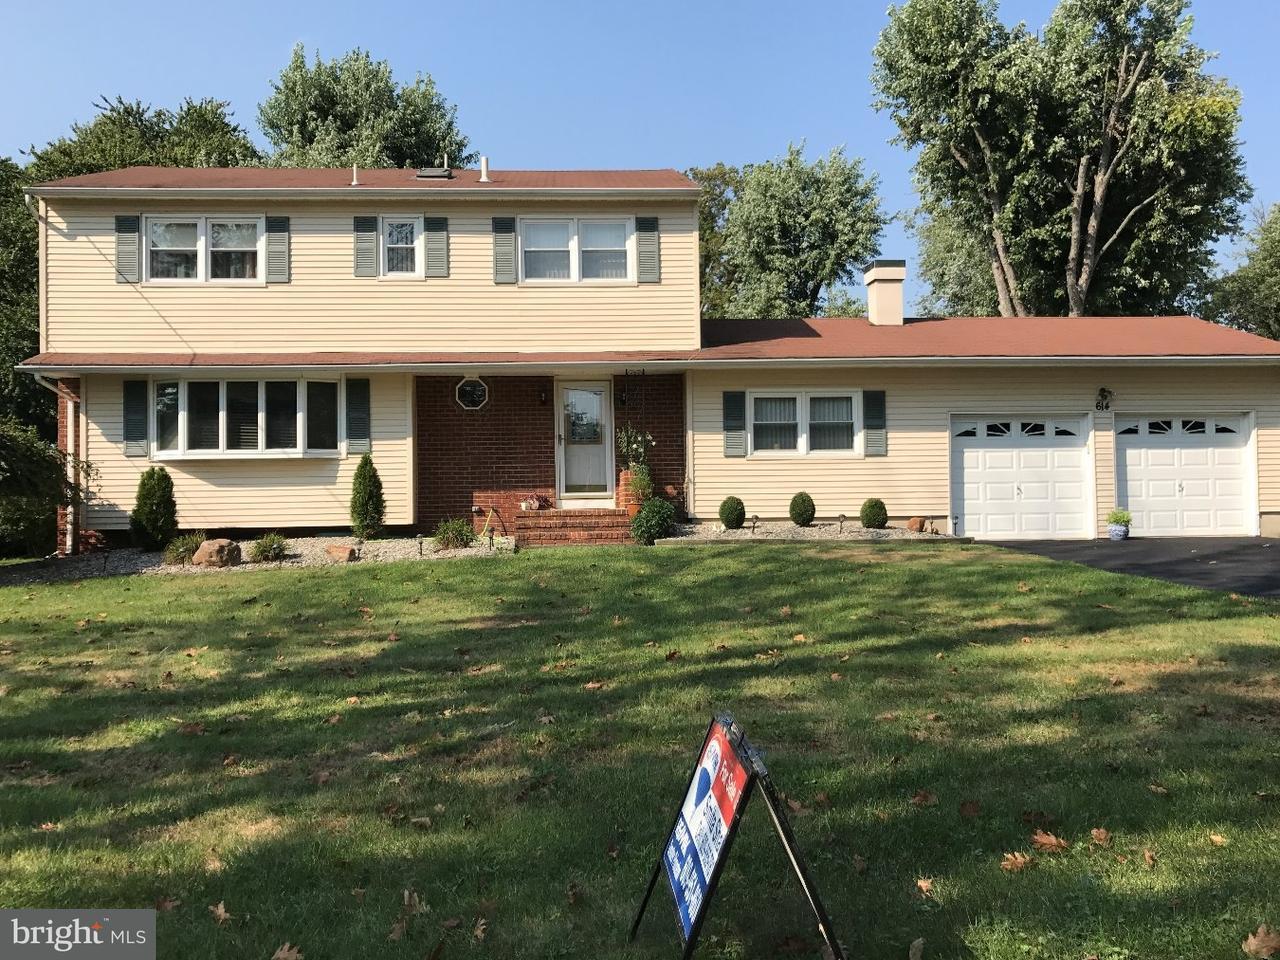 Maison unifamiliale pour l Vente à 614 DUTCH NECK Road East Windsor Township, New Jersey 08520 États-UnisDans/Autour: East Windsor Township